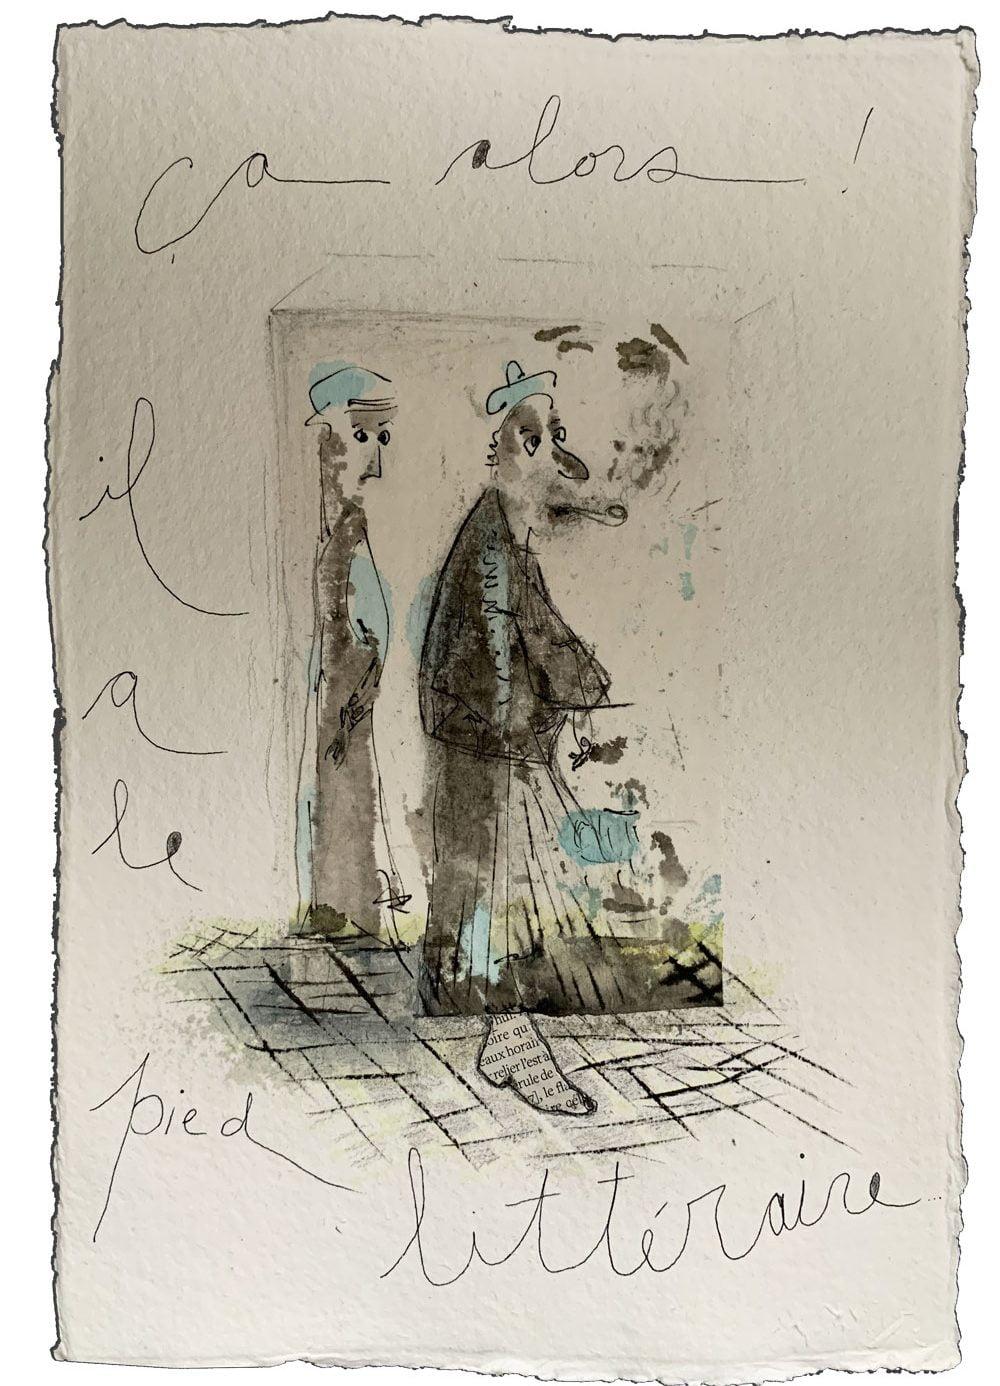 Le-pied-littéraire-Mondoux-galerie-21